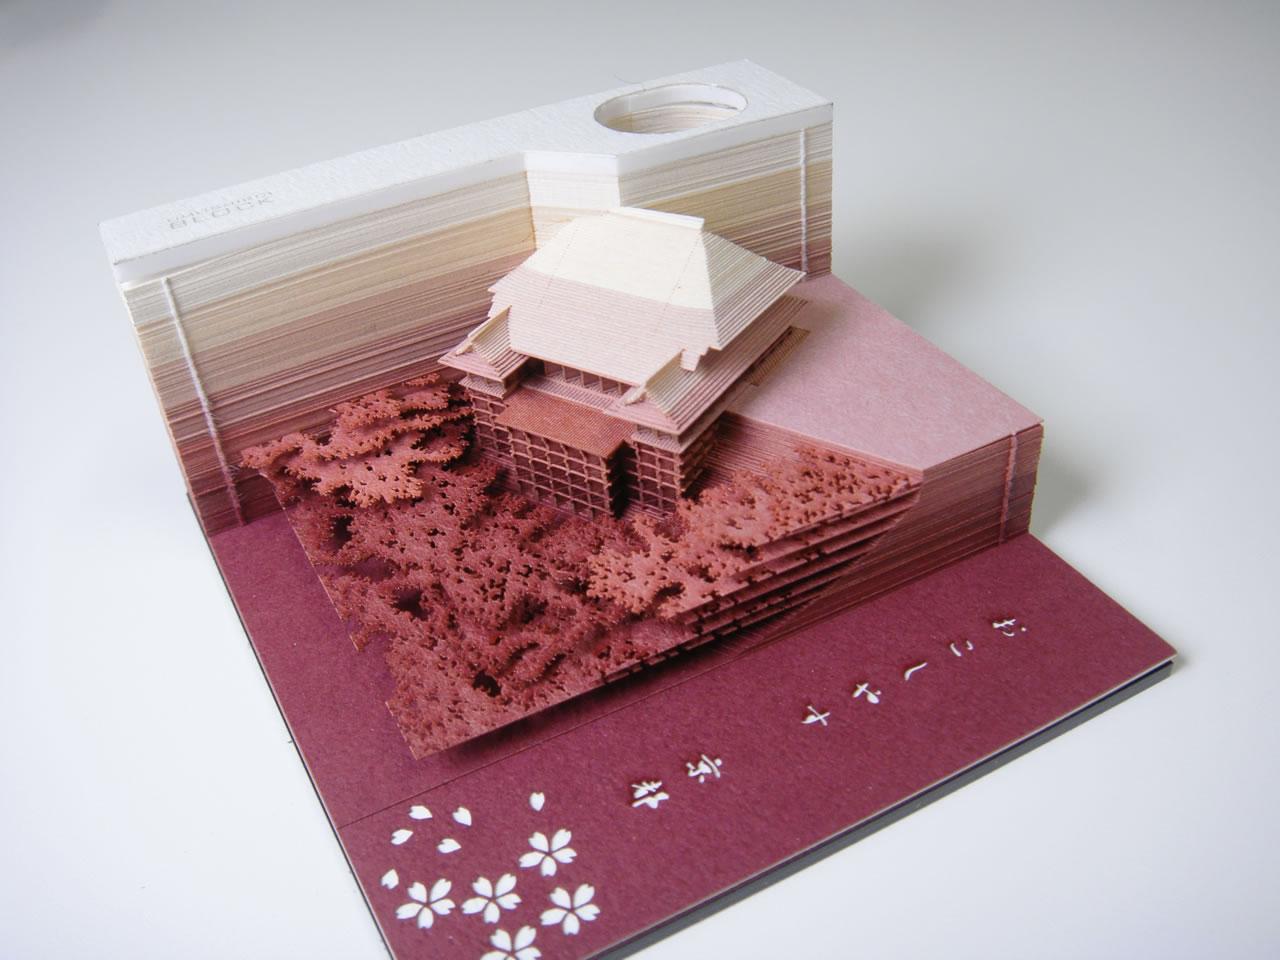 Ce bloc-notes fait apparaître des sculptures au fil de son utilisation